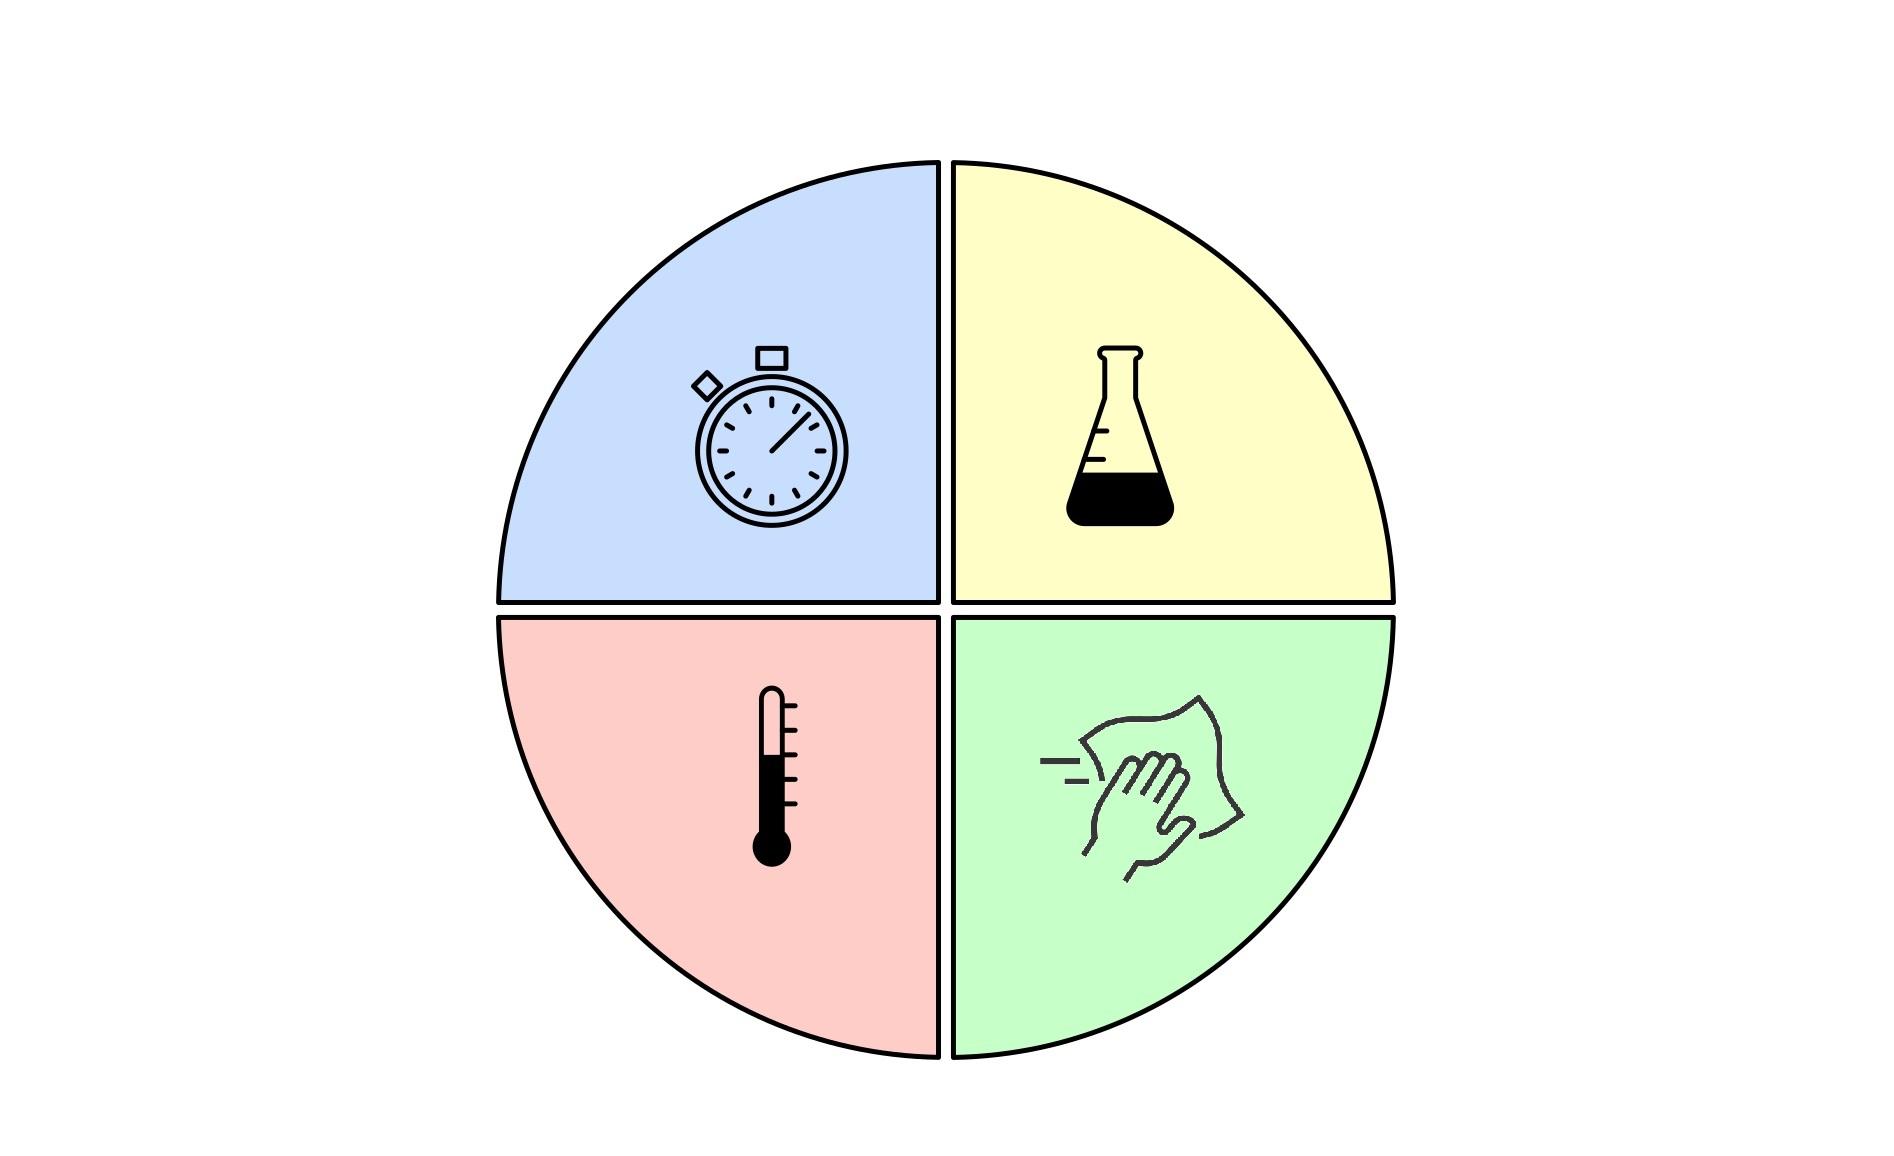 Sinners circle hovedbilde.jpg